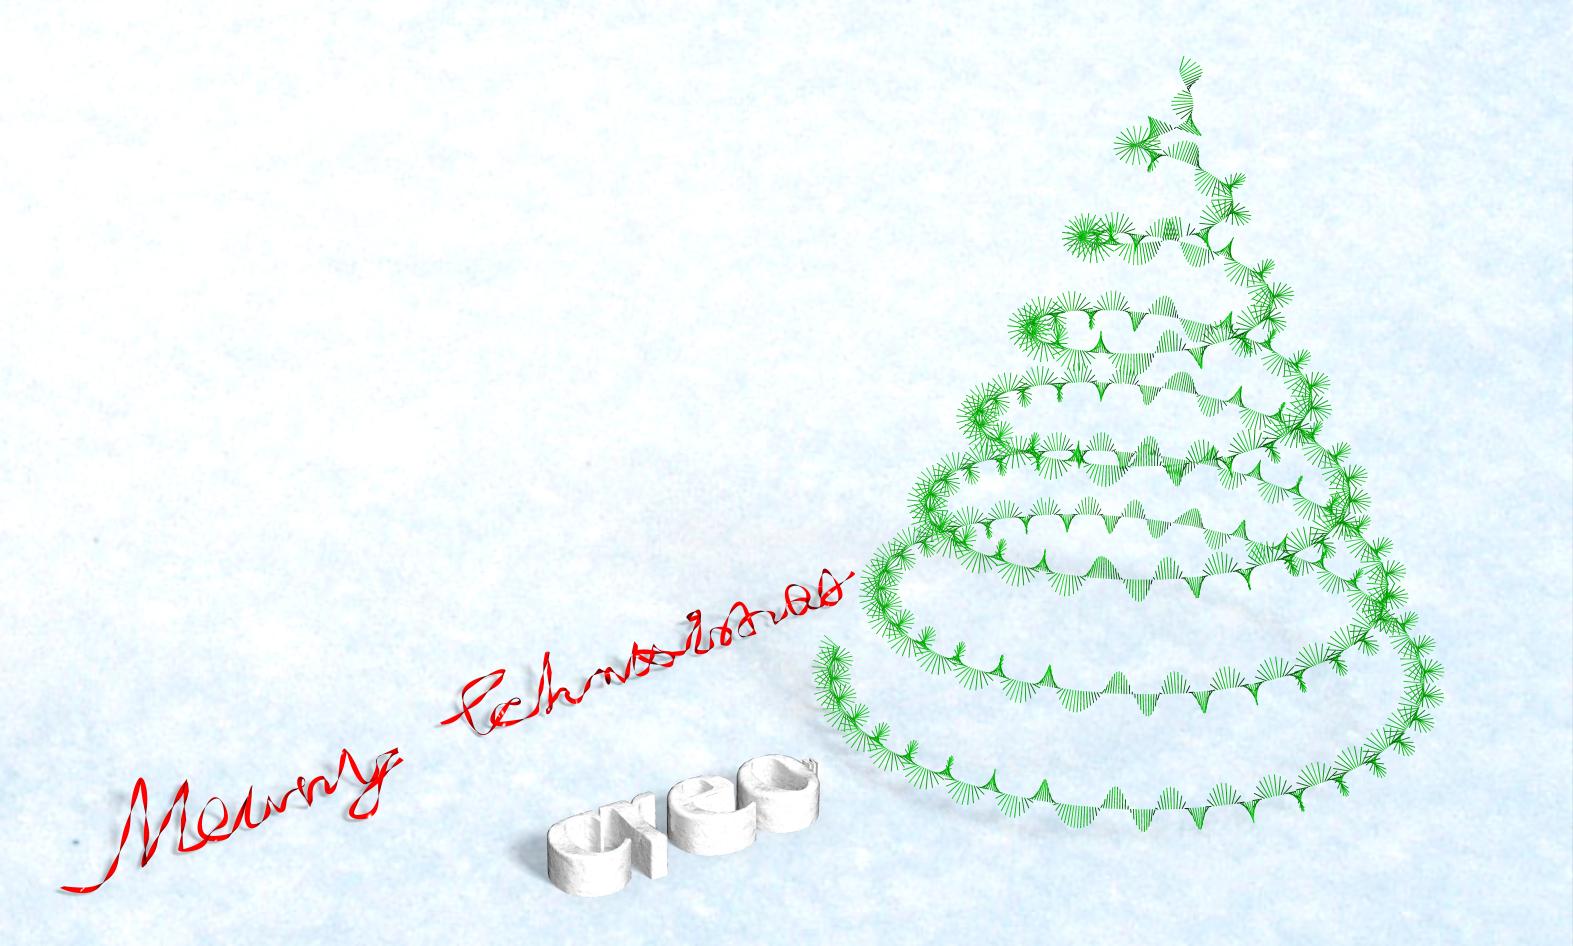 Merry Christmas_Creo Parametric.jpg